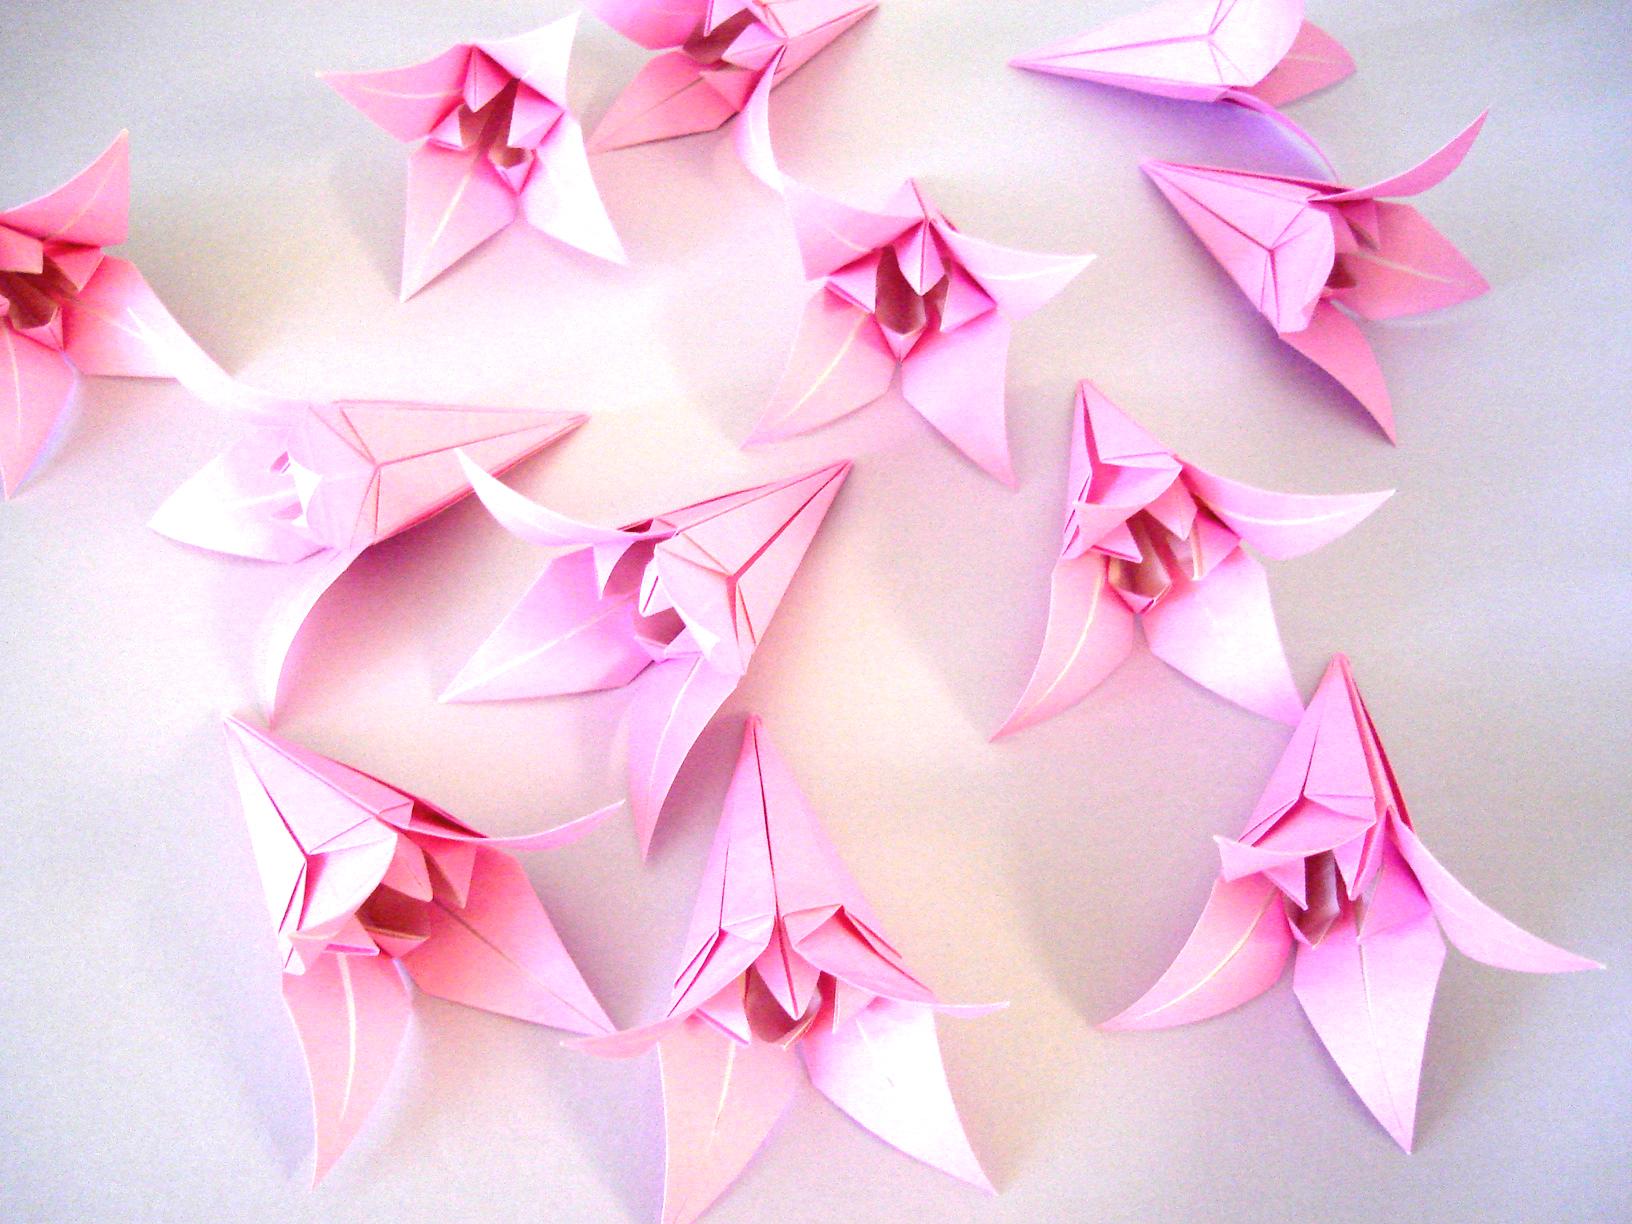 том, что цветы из оригами картинки ощущения могут